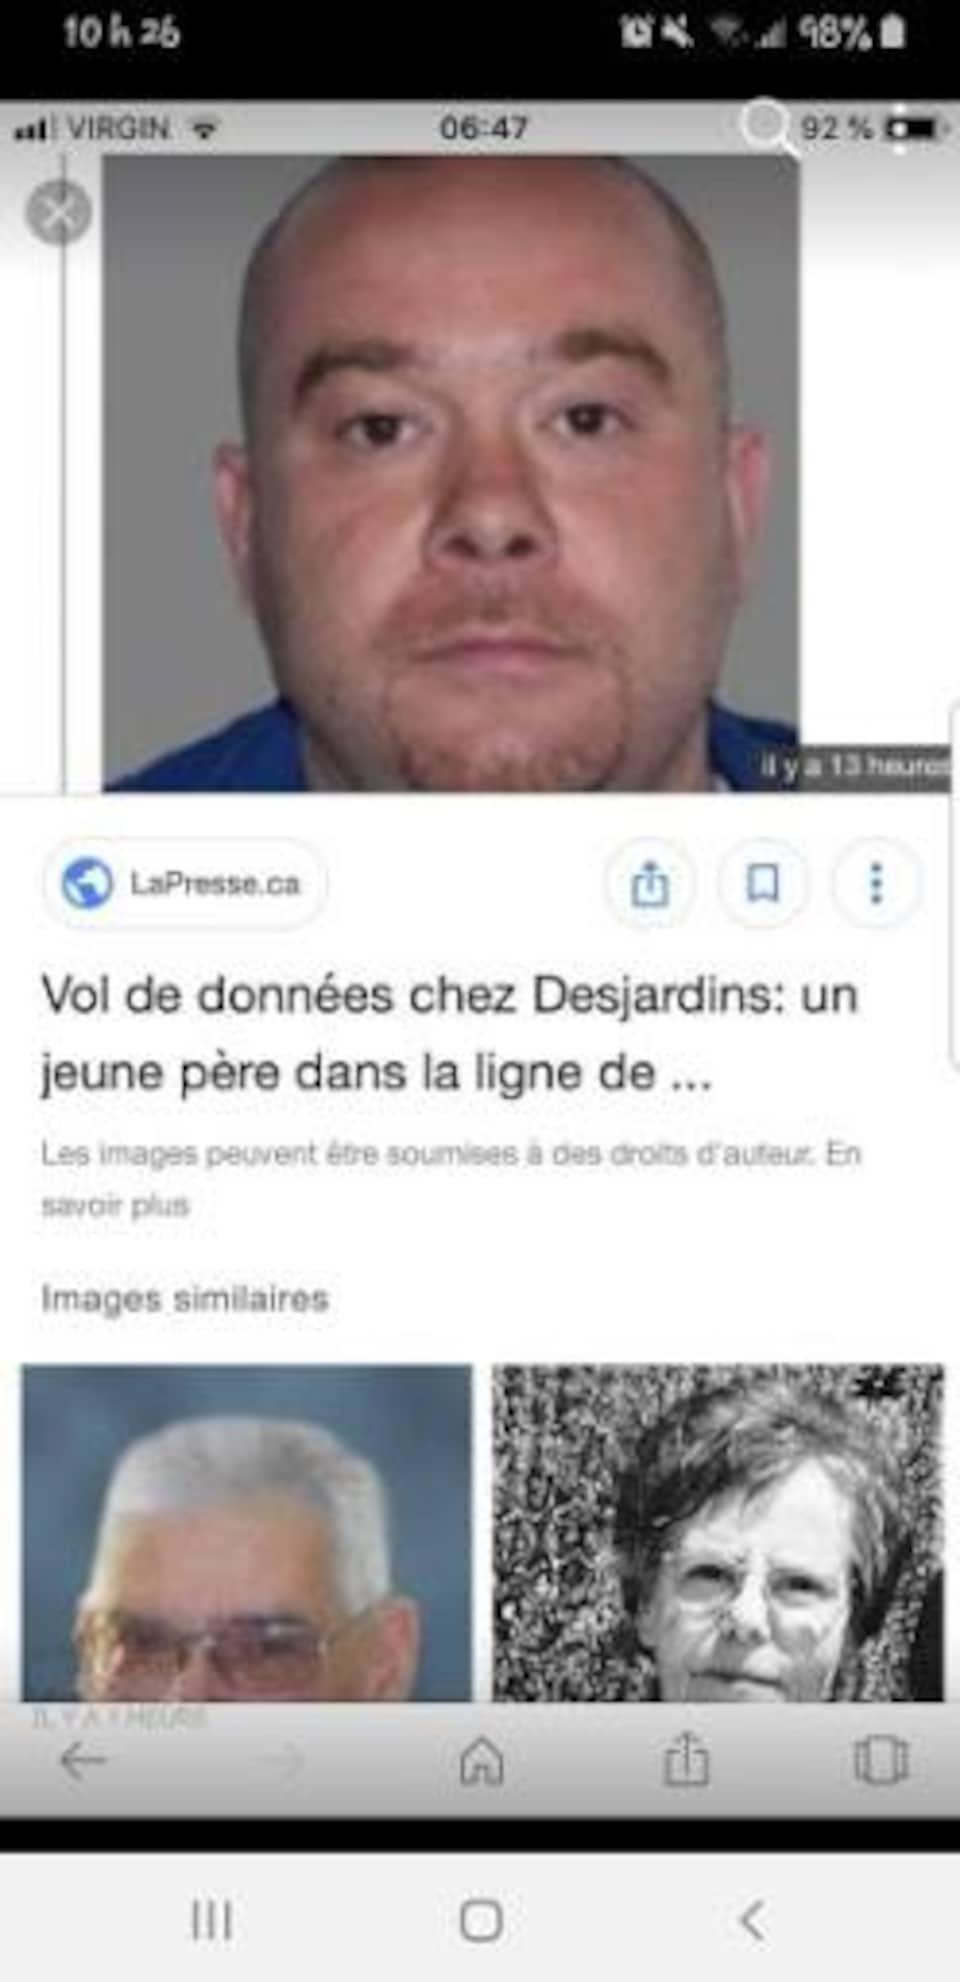 On voit une photo d'un homme au-dessus d'un titre d'article sur le vol de données chez Desjardins.